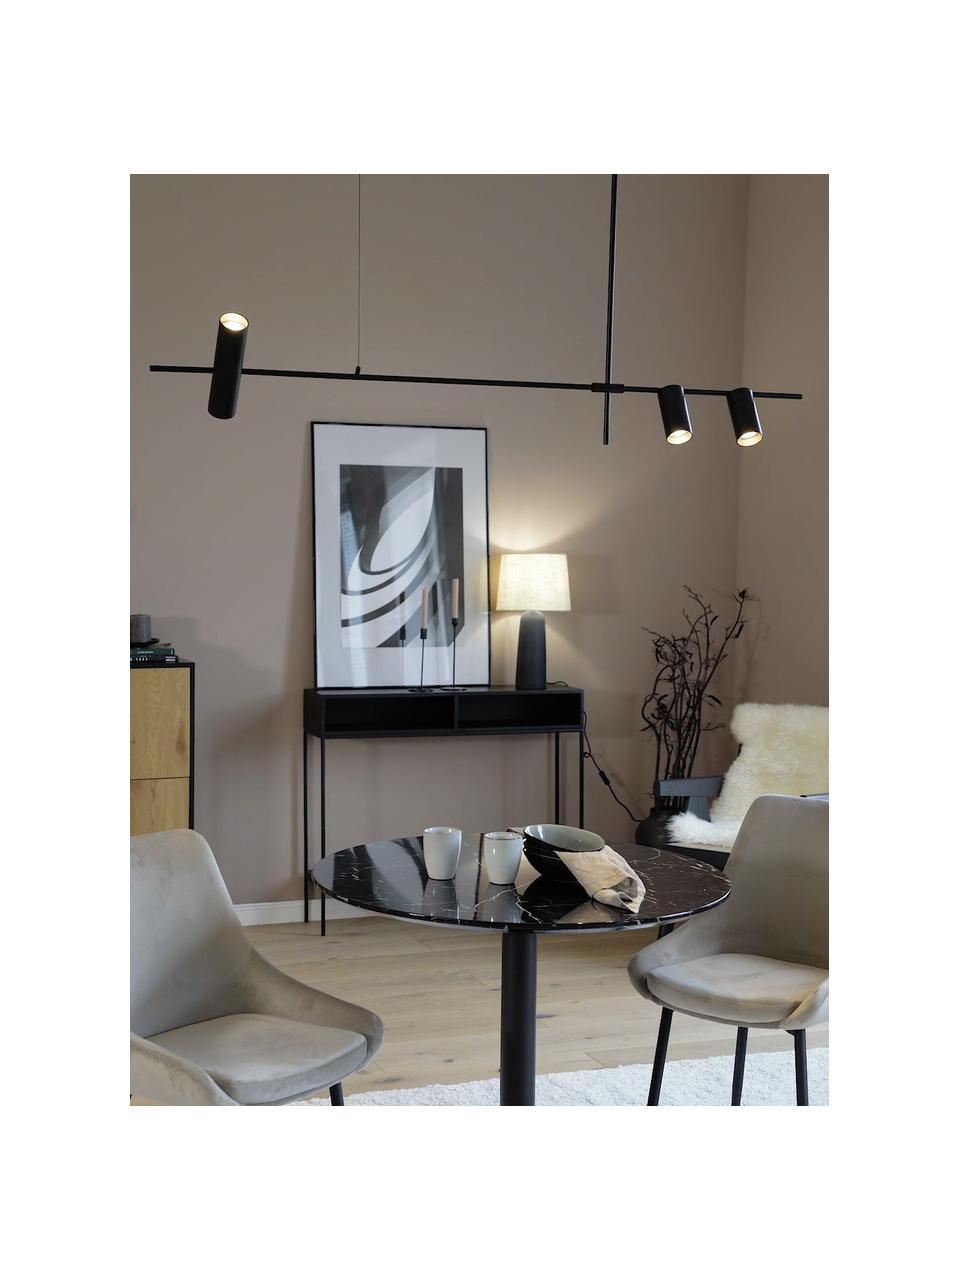 Große Moderne Pendelleuchte Cassandra, Lampenschirm: Metall, pulverbeschichtet, Baldachin: Metall, pulverbeschichtet, Schwarz, matt, 143 x 73 cm